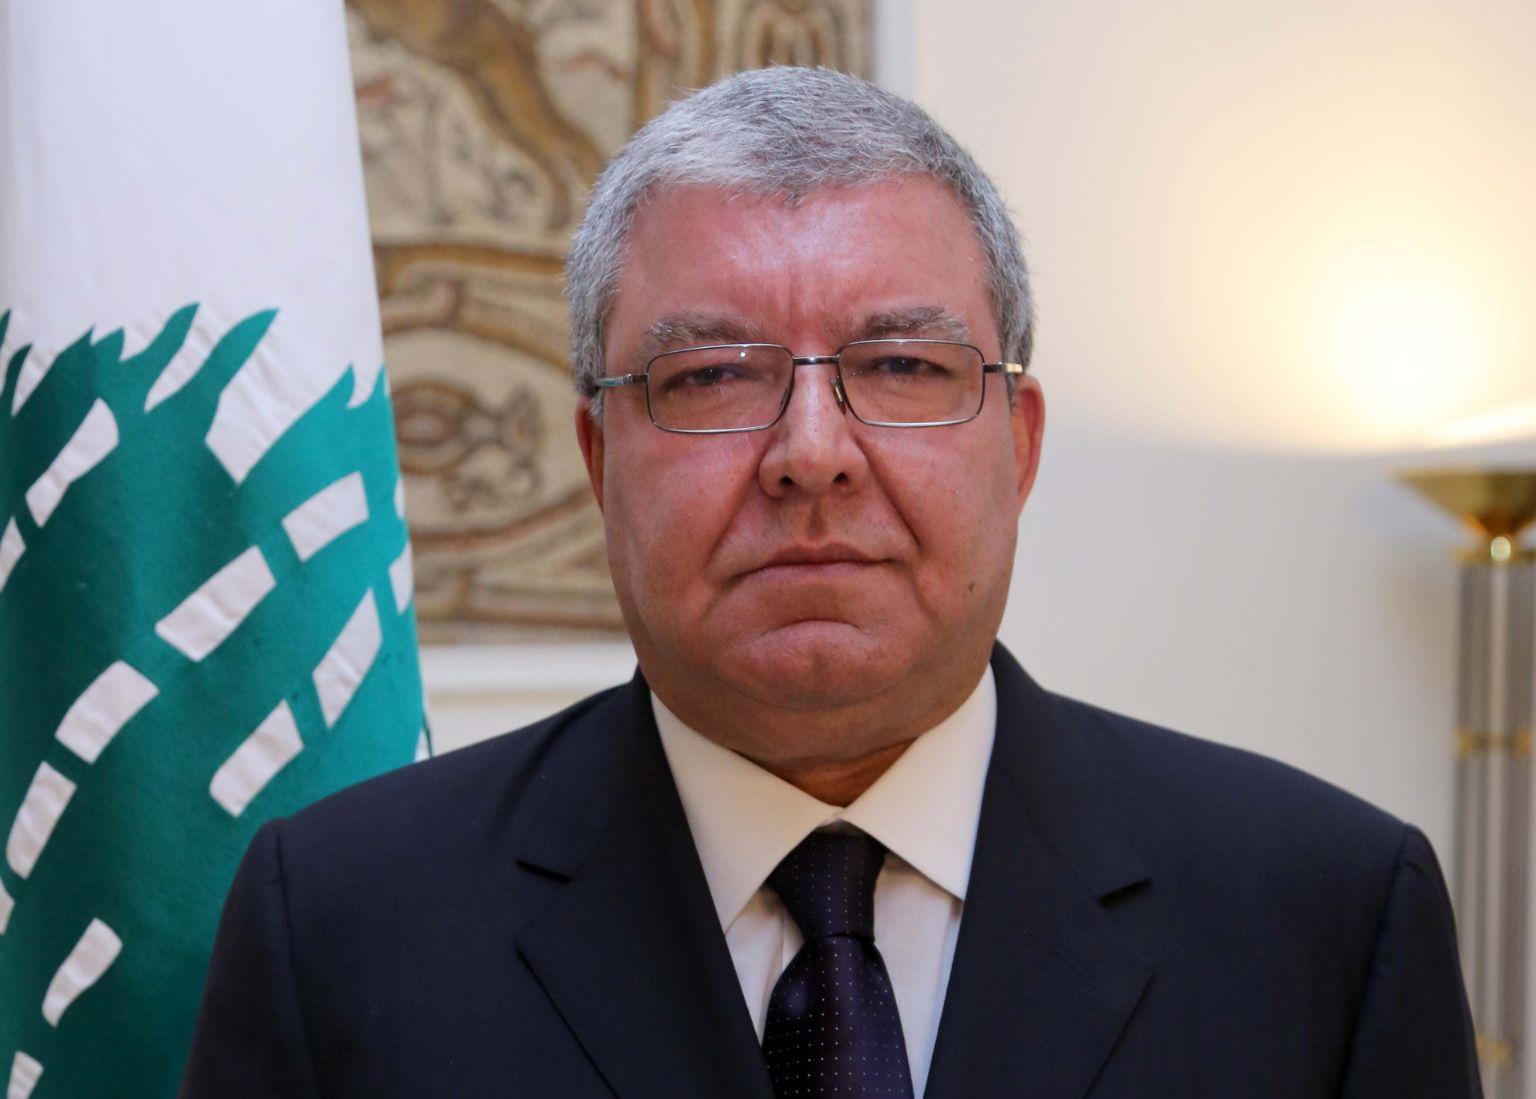 ميقاتي كف يد القاضي البيطار عن التحقيق في انفجار مرفأ بيروت أمر قضائي